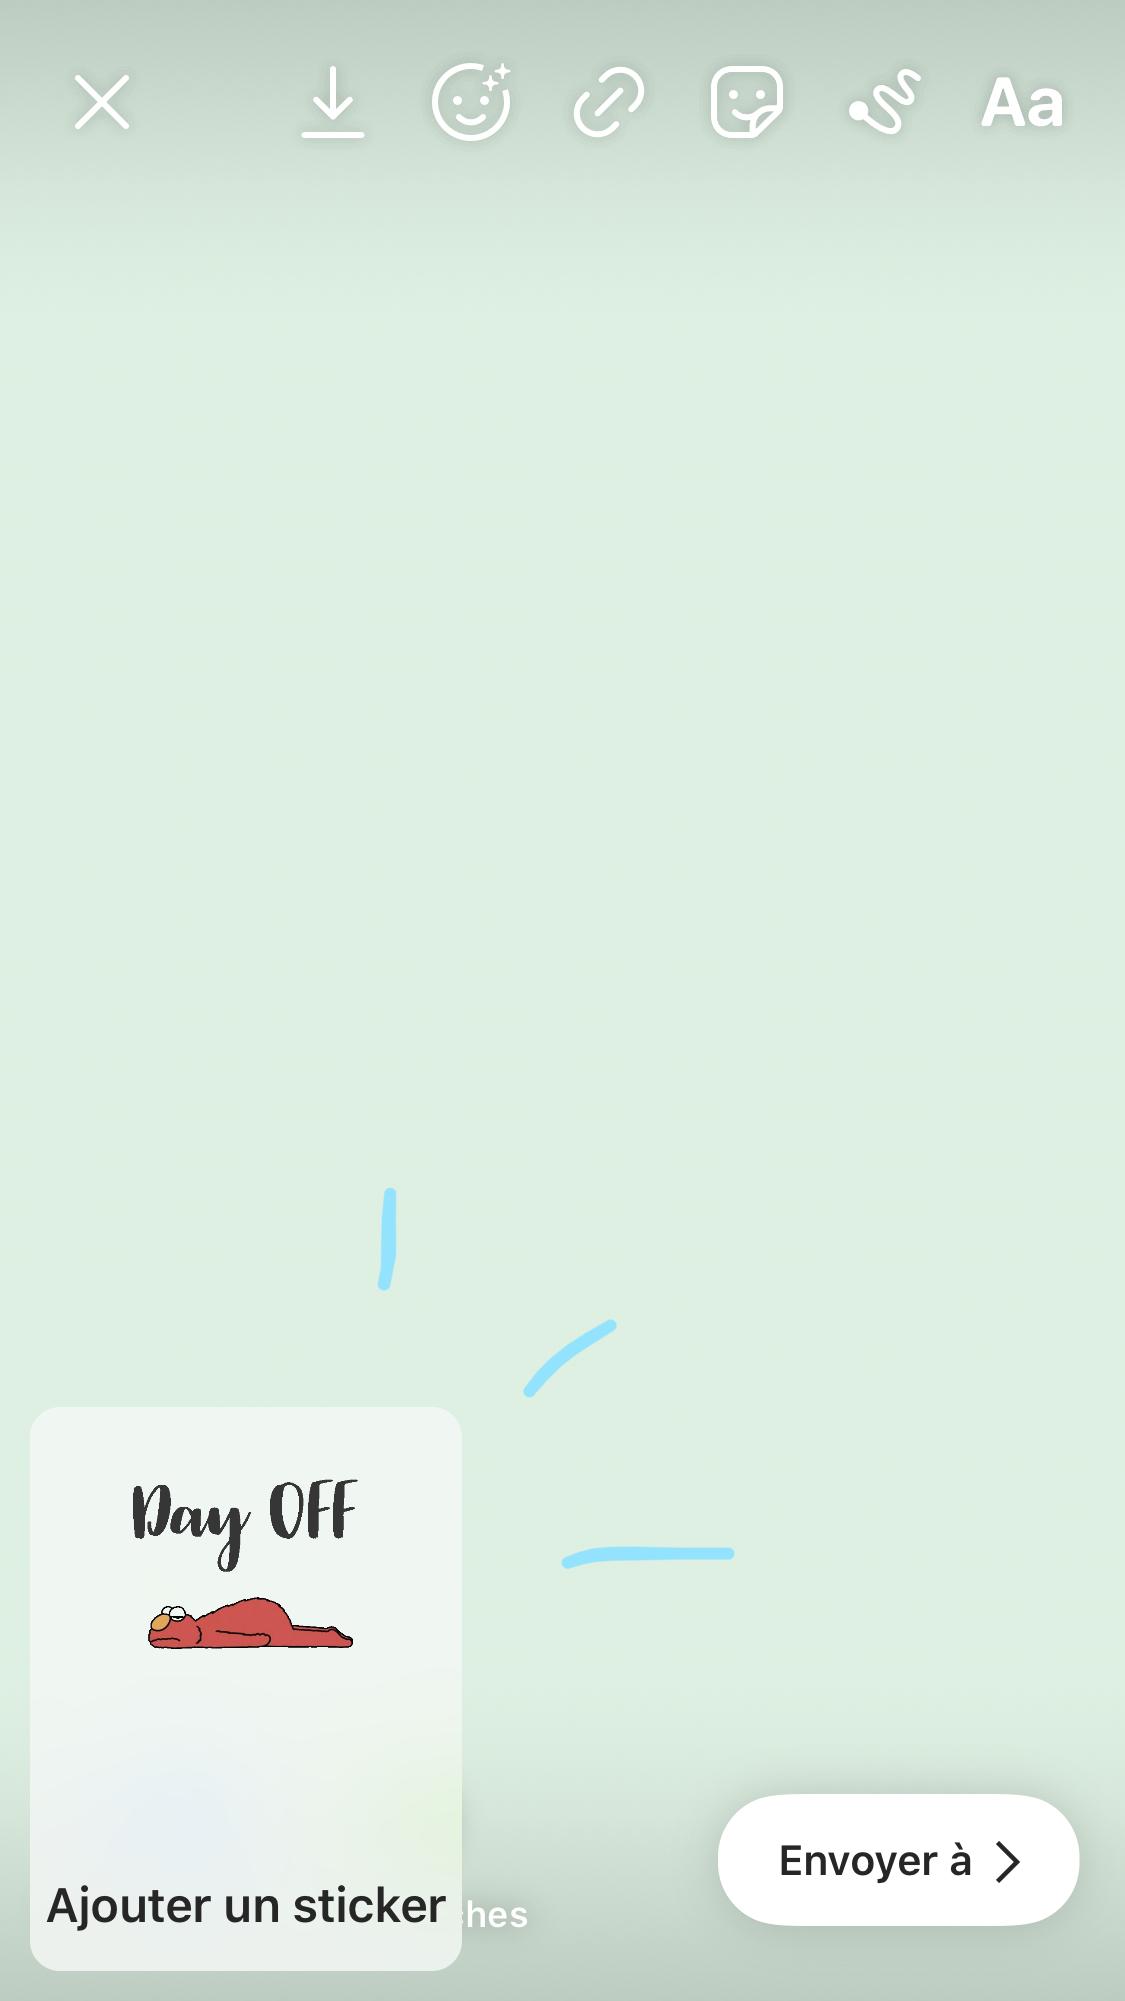 Tes stickers en story Instagram: avec ou sans compte Giphy